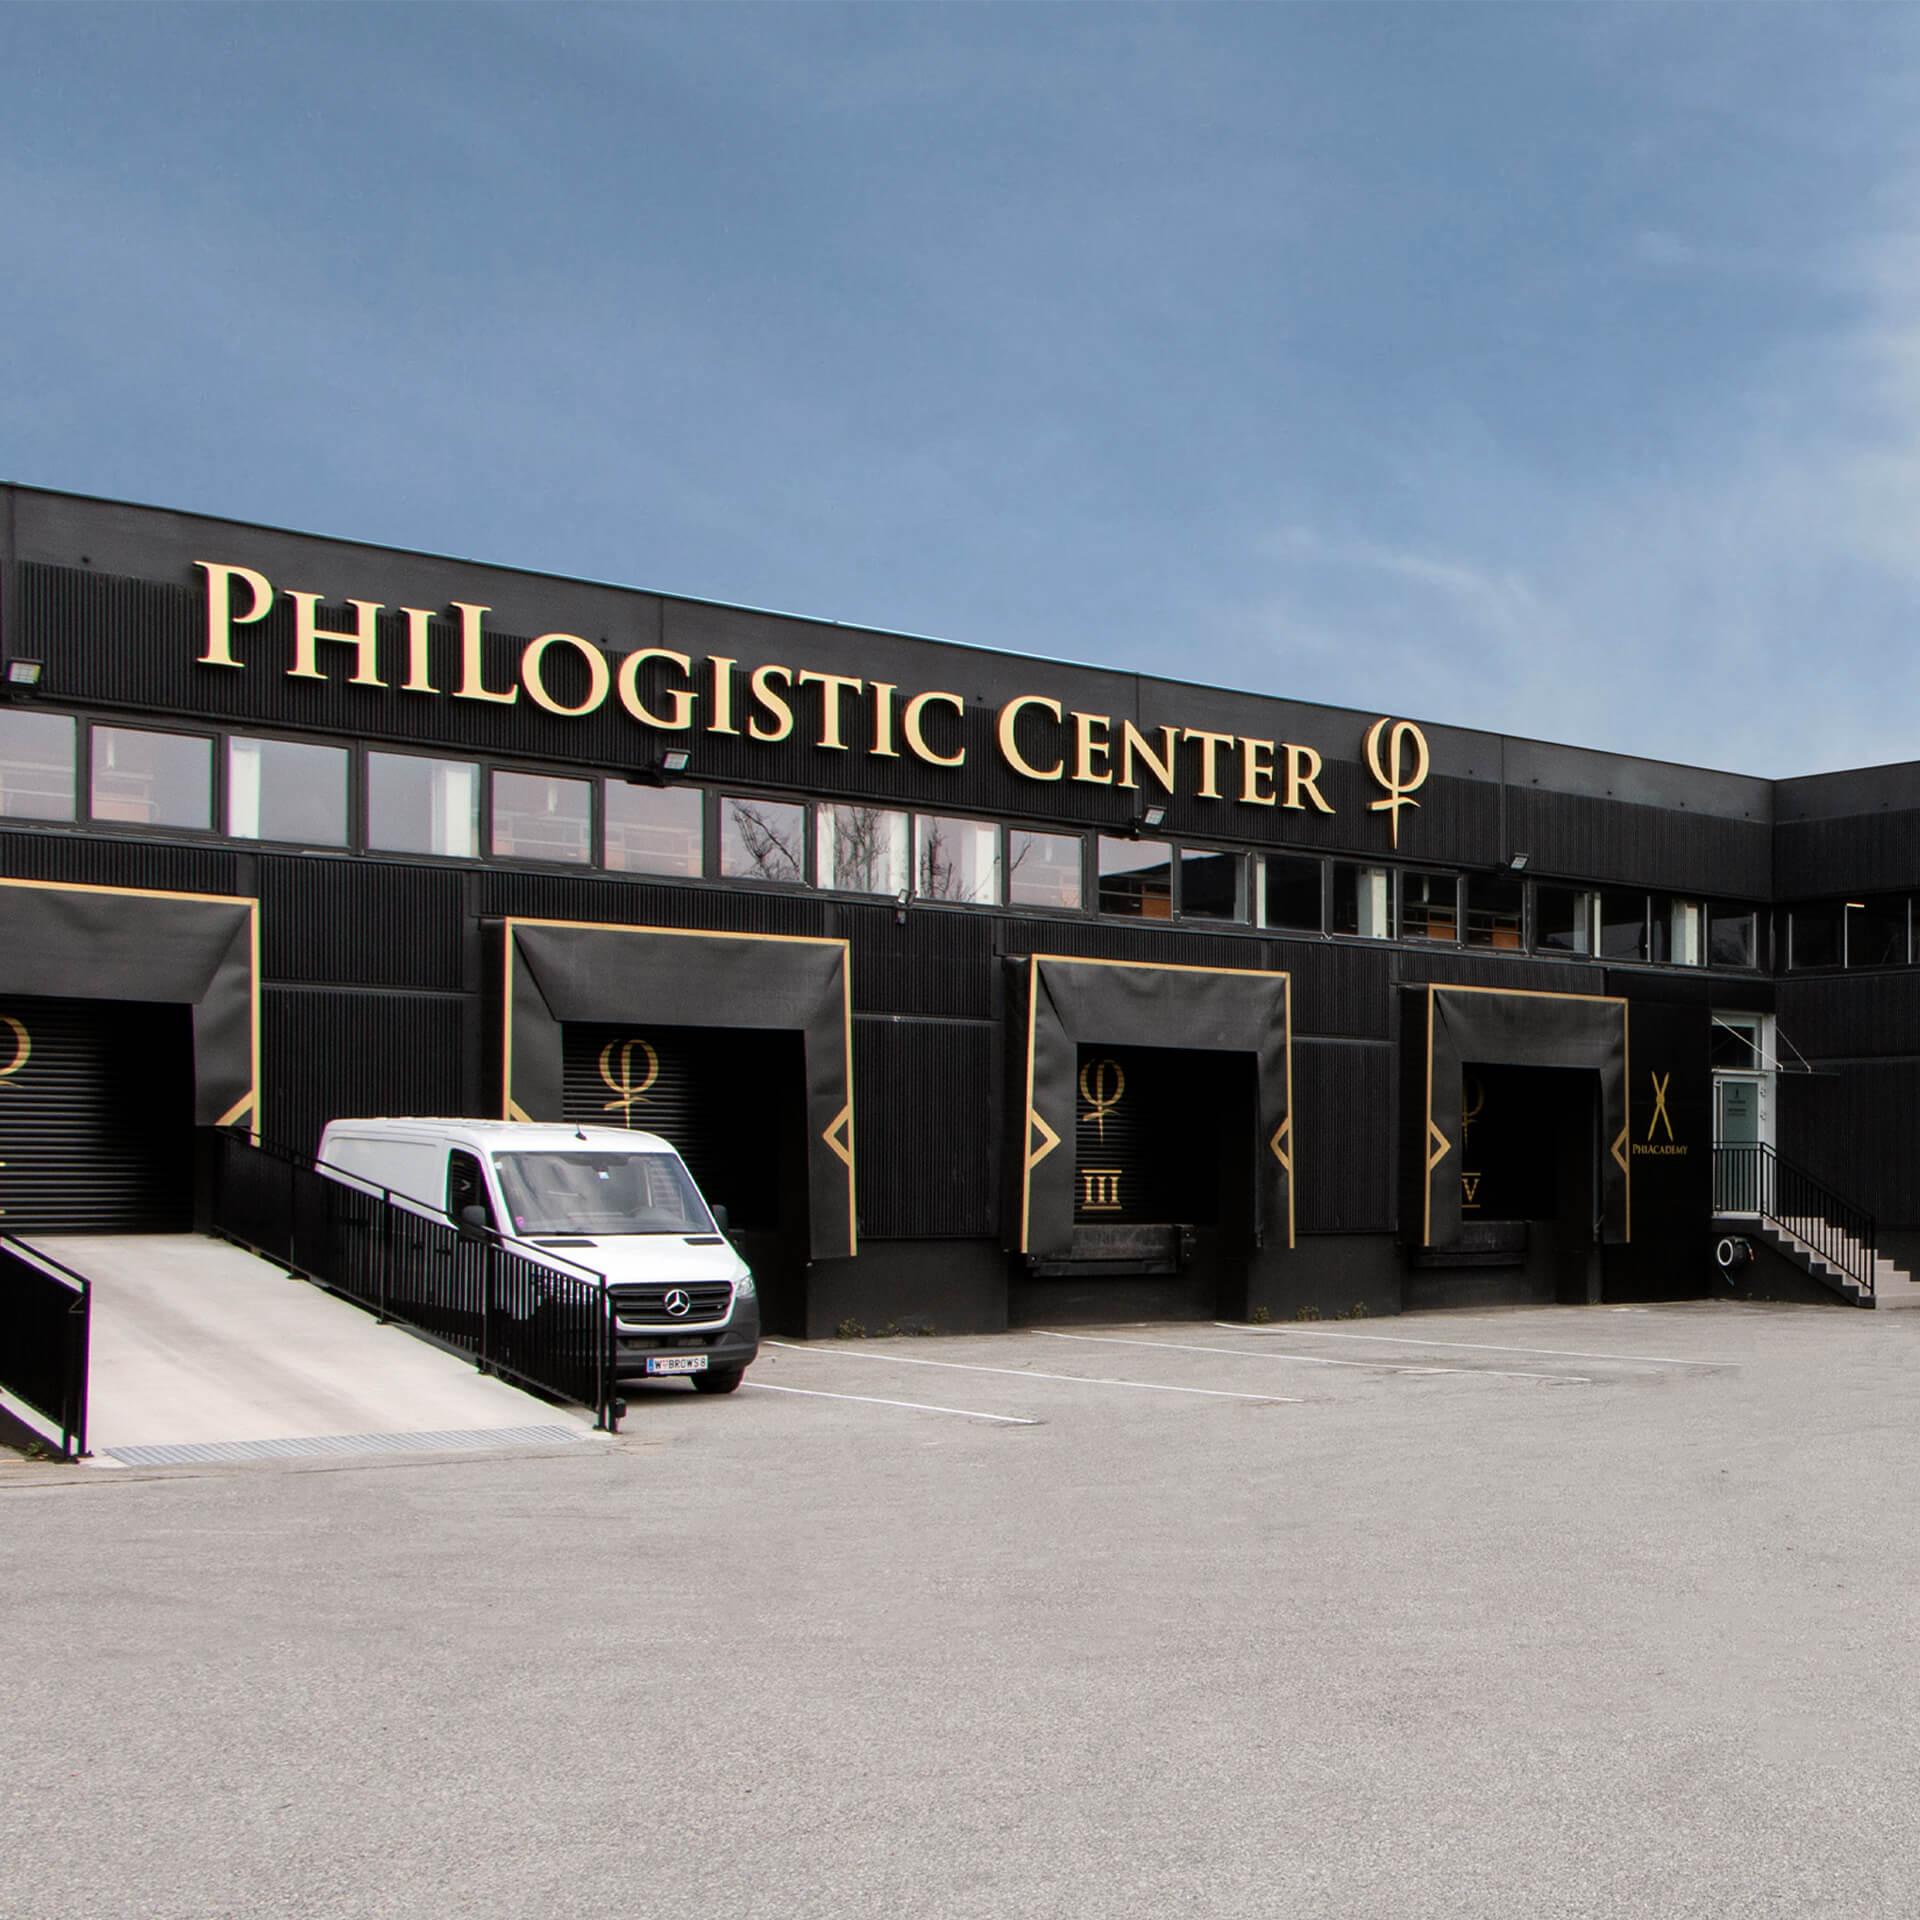 PhiLogistic Center